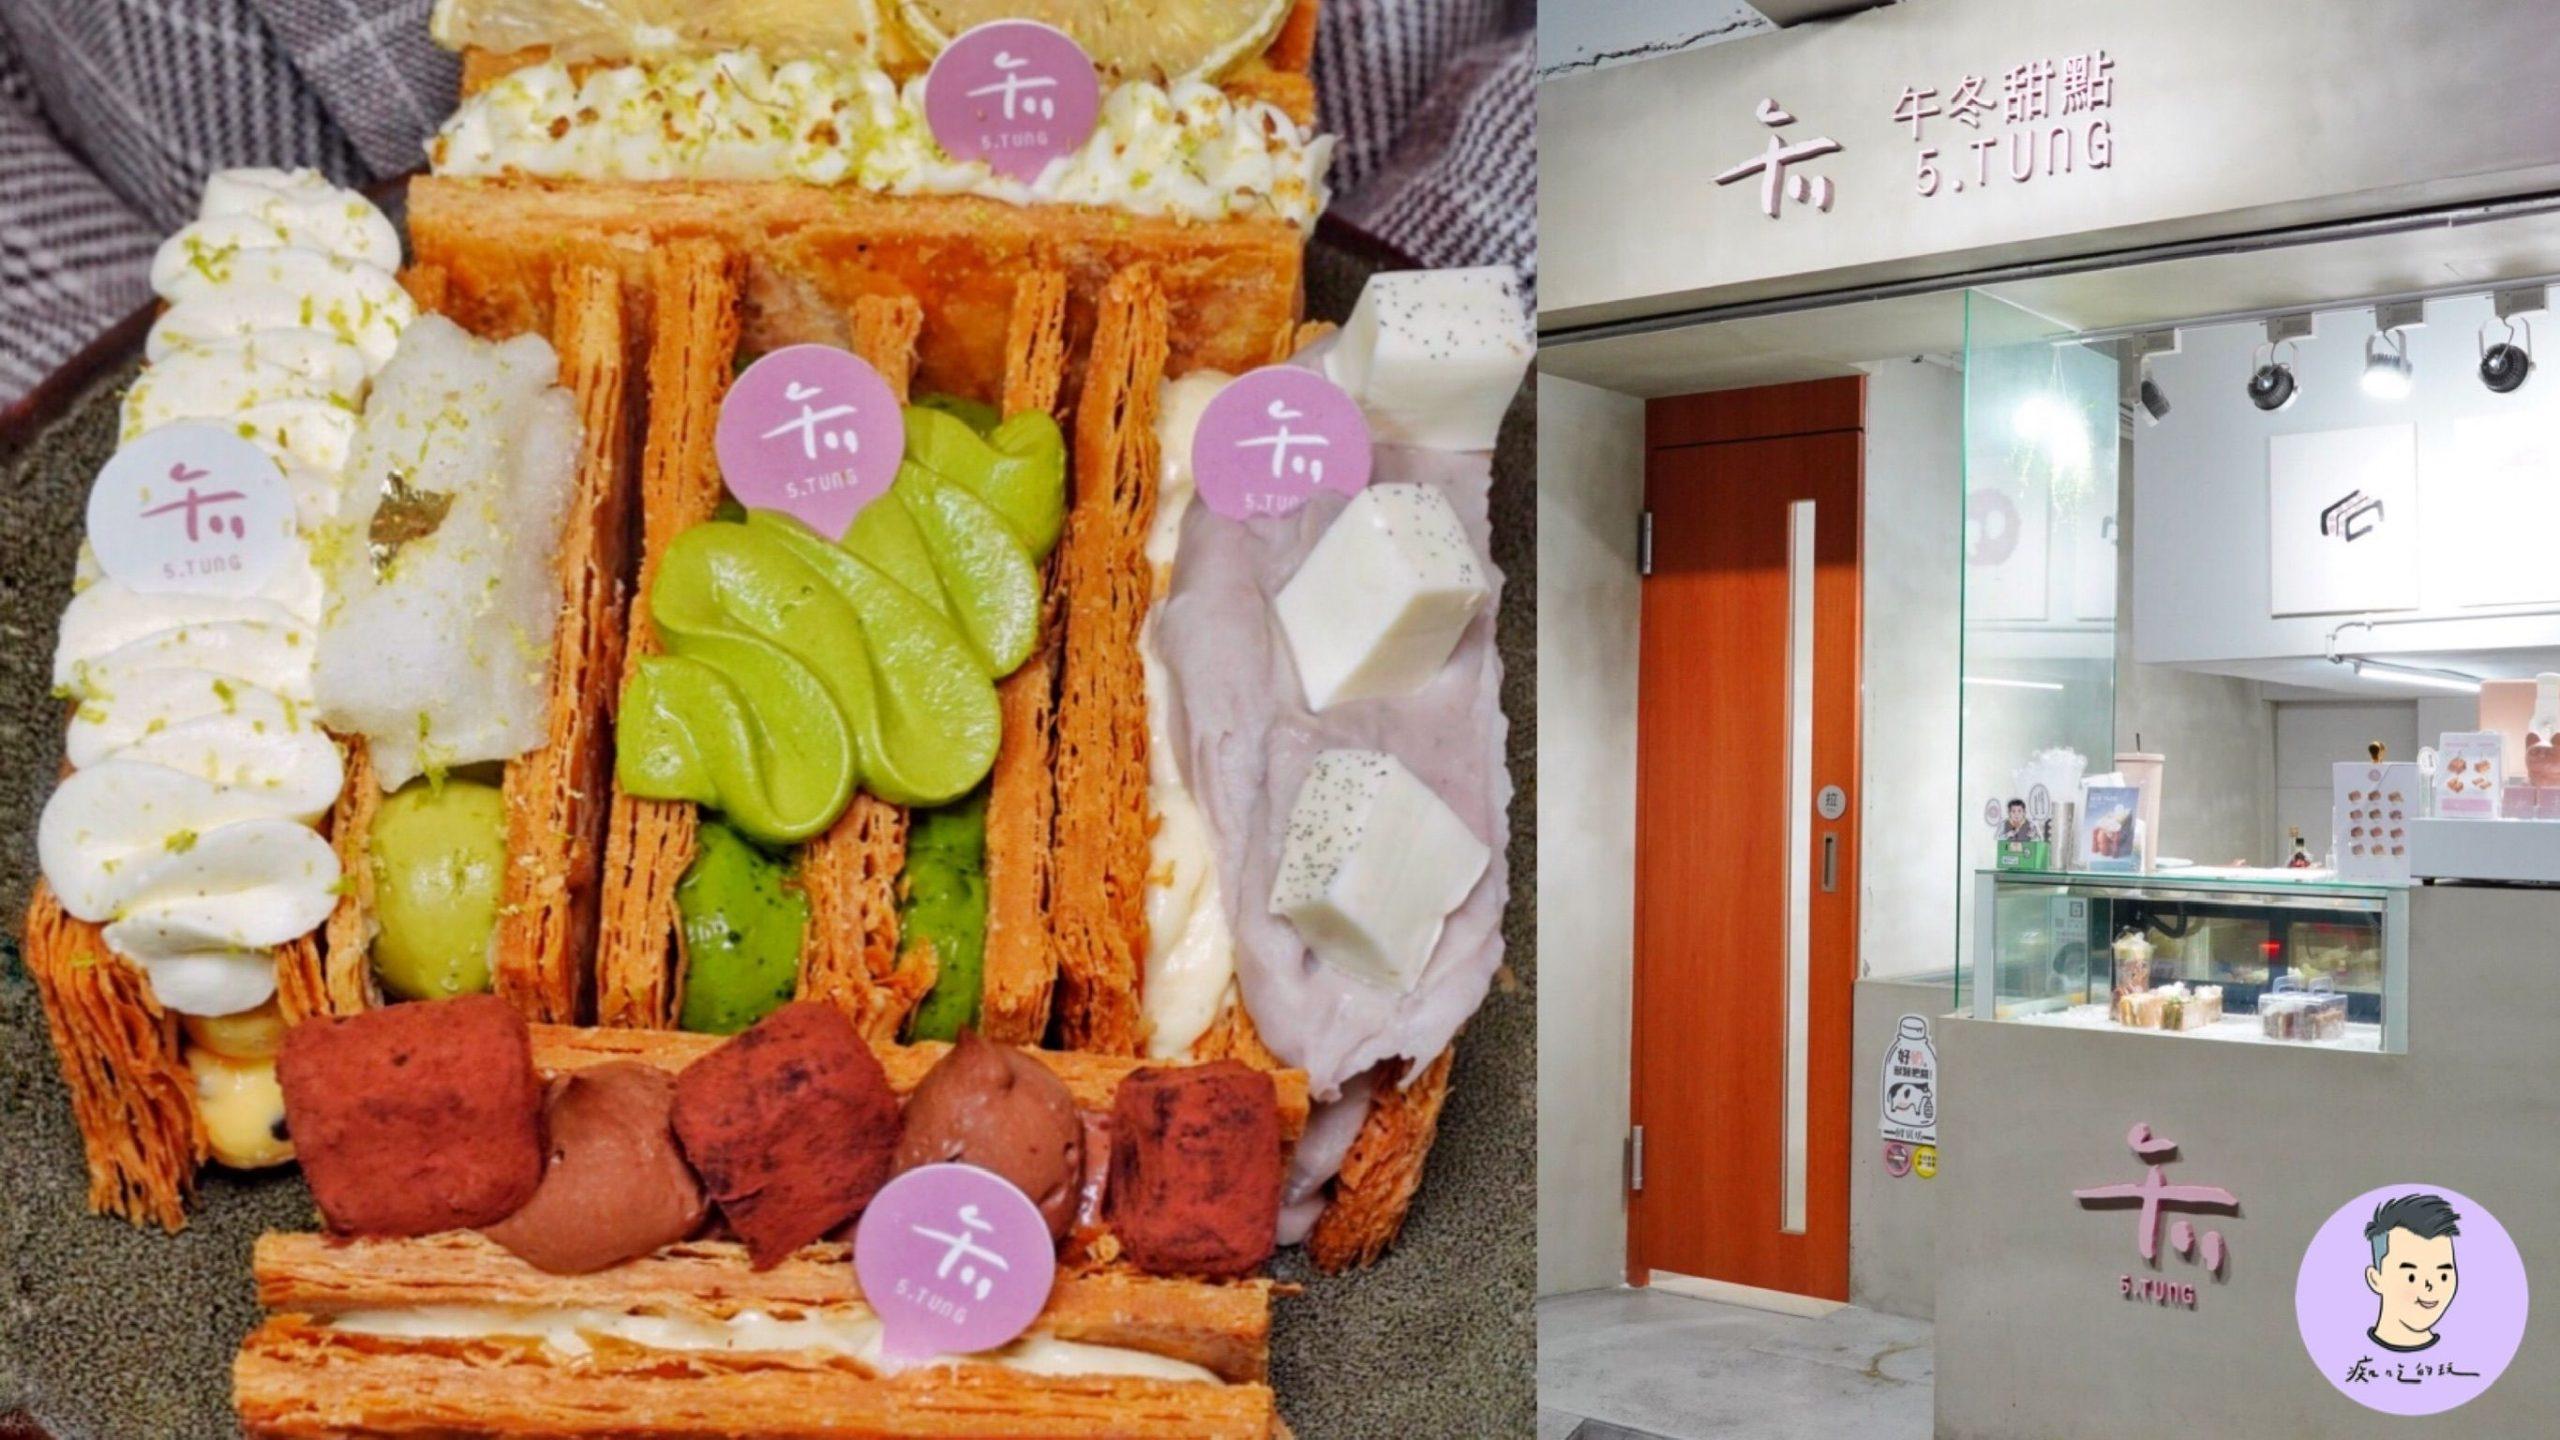 【台北美食】台北最強純手工法式千層酥「午冬甜點 」IG打卡名店!4.7高評分肯定 晚來就買不到了|台北火車站